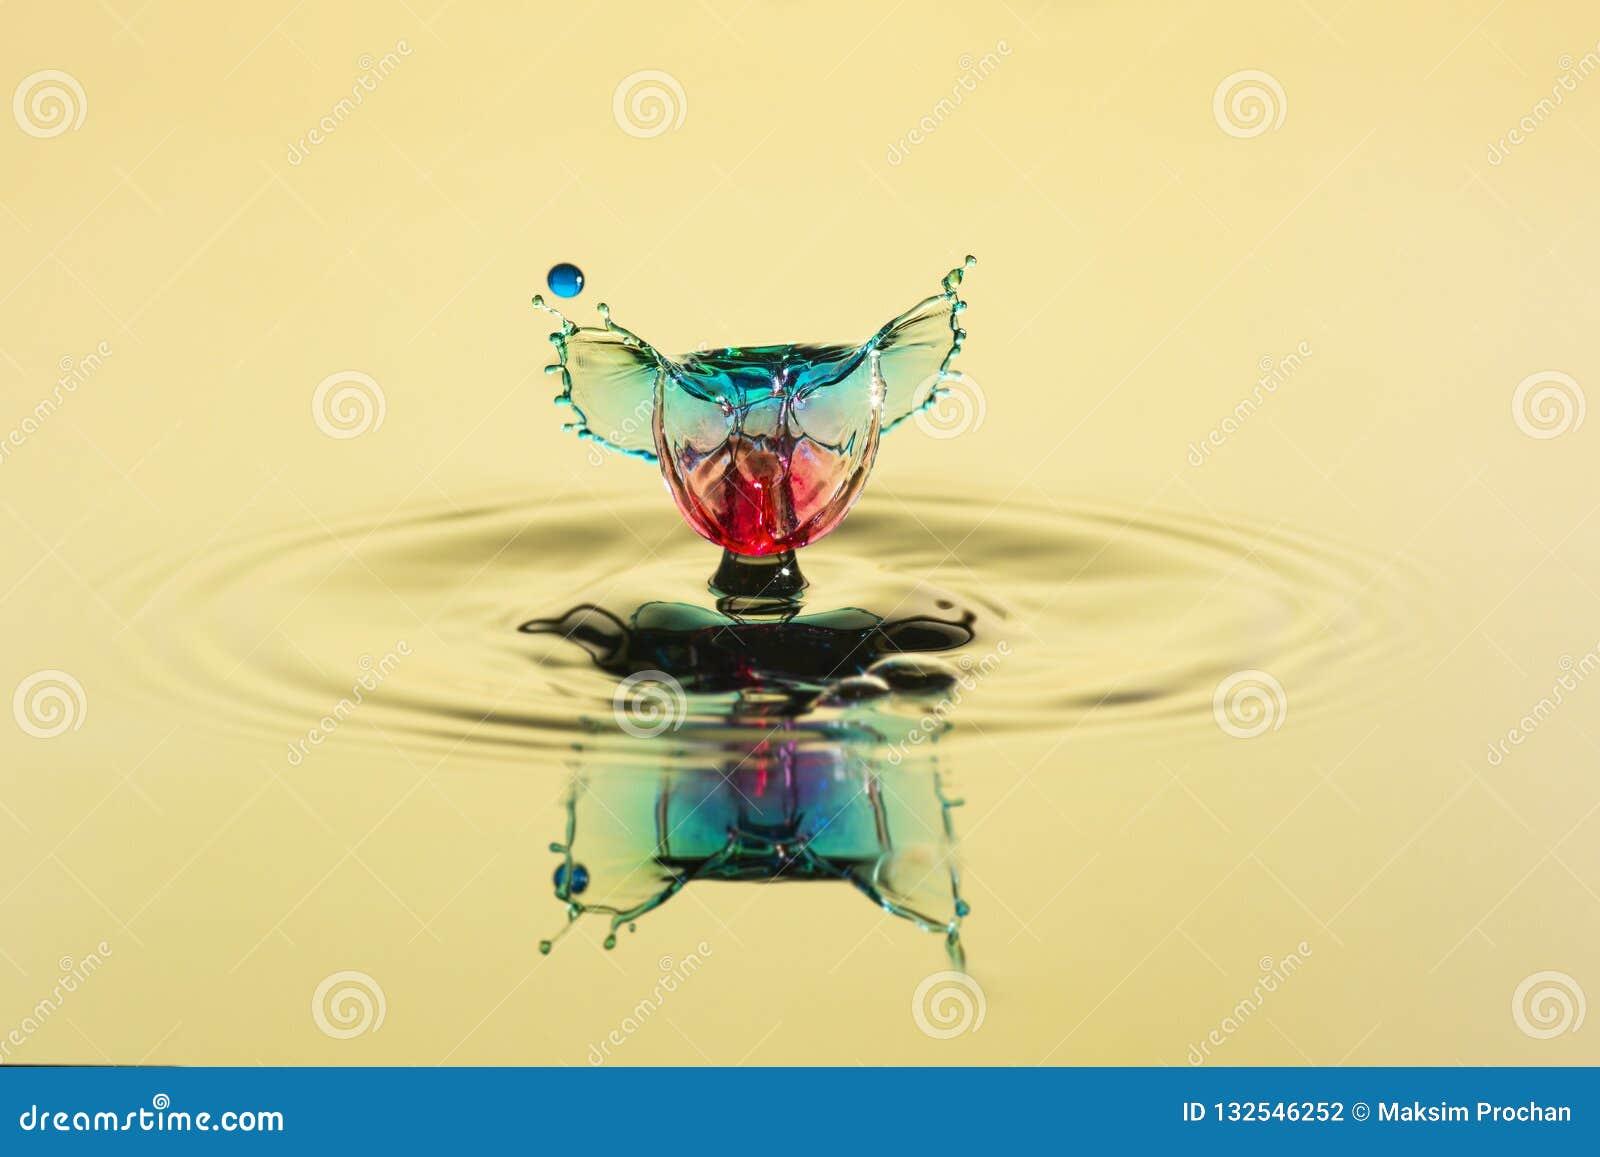 Abstrakter Hintergrund des Spritzens des Farbwassers, Zusammenstoß von farbigen Tropfen